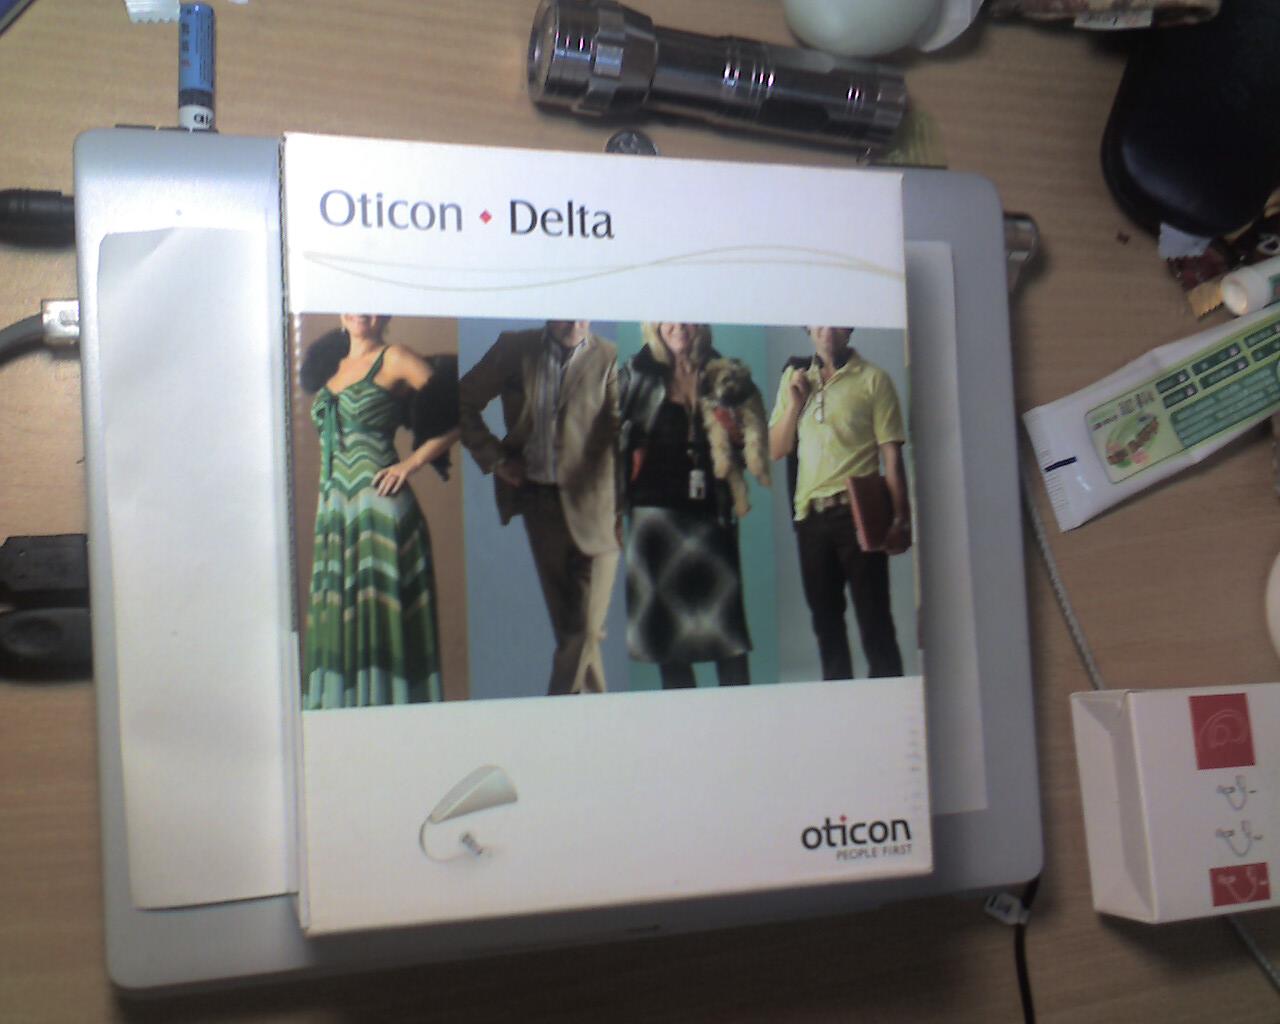 Otion Delta 外包装